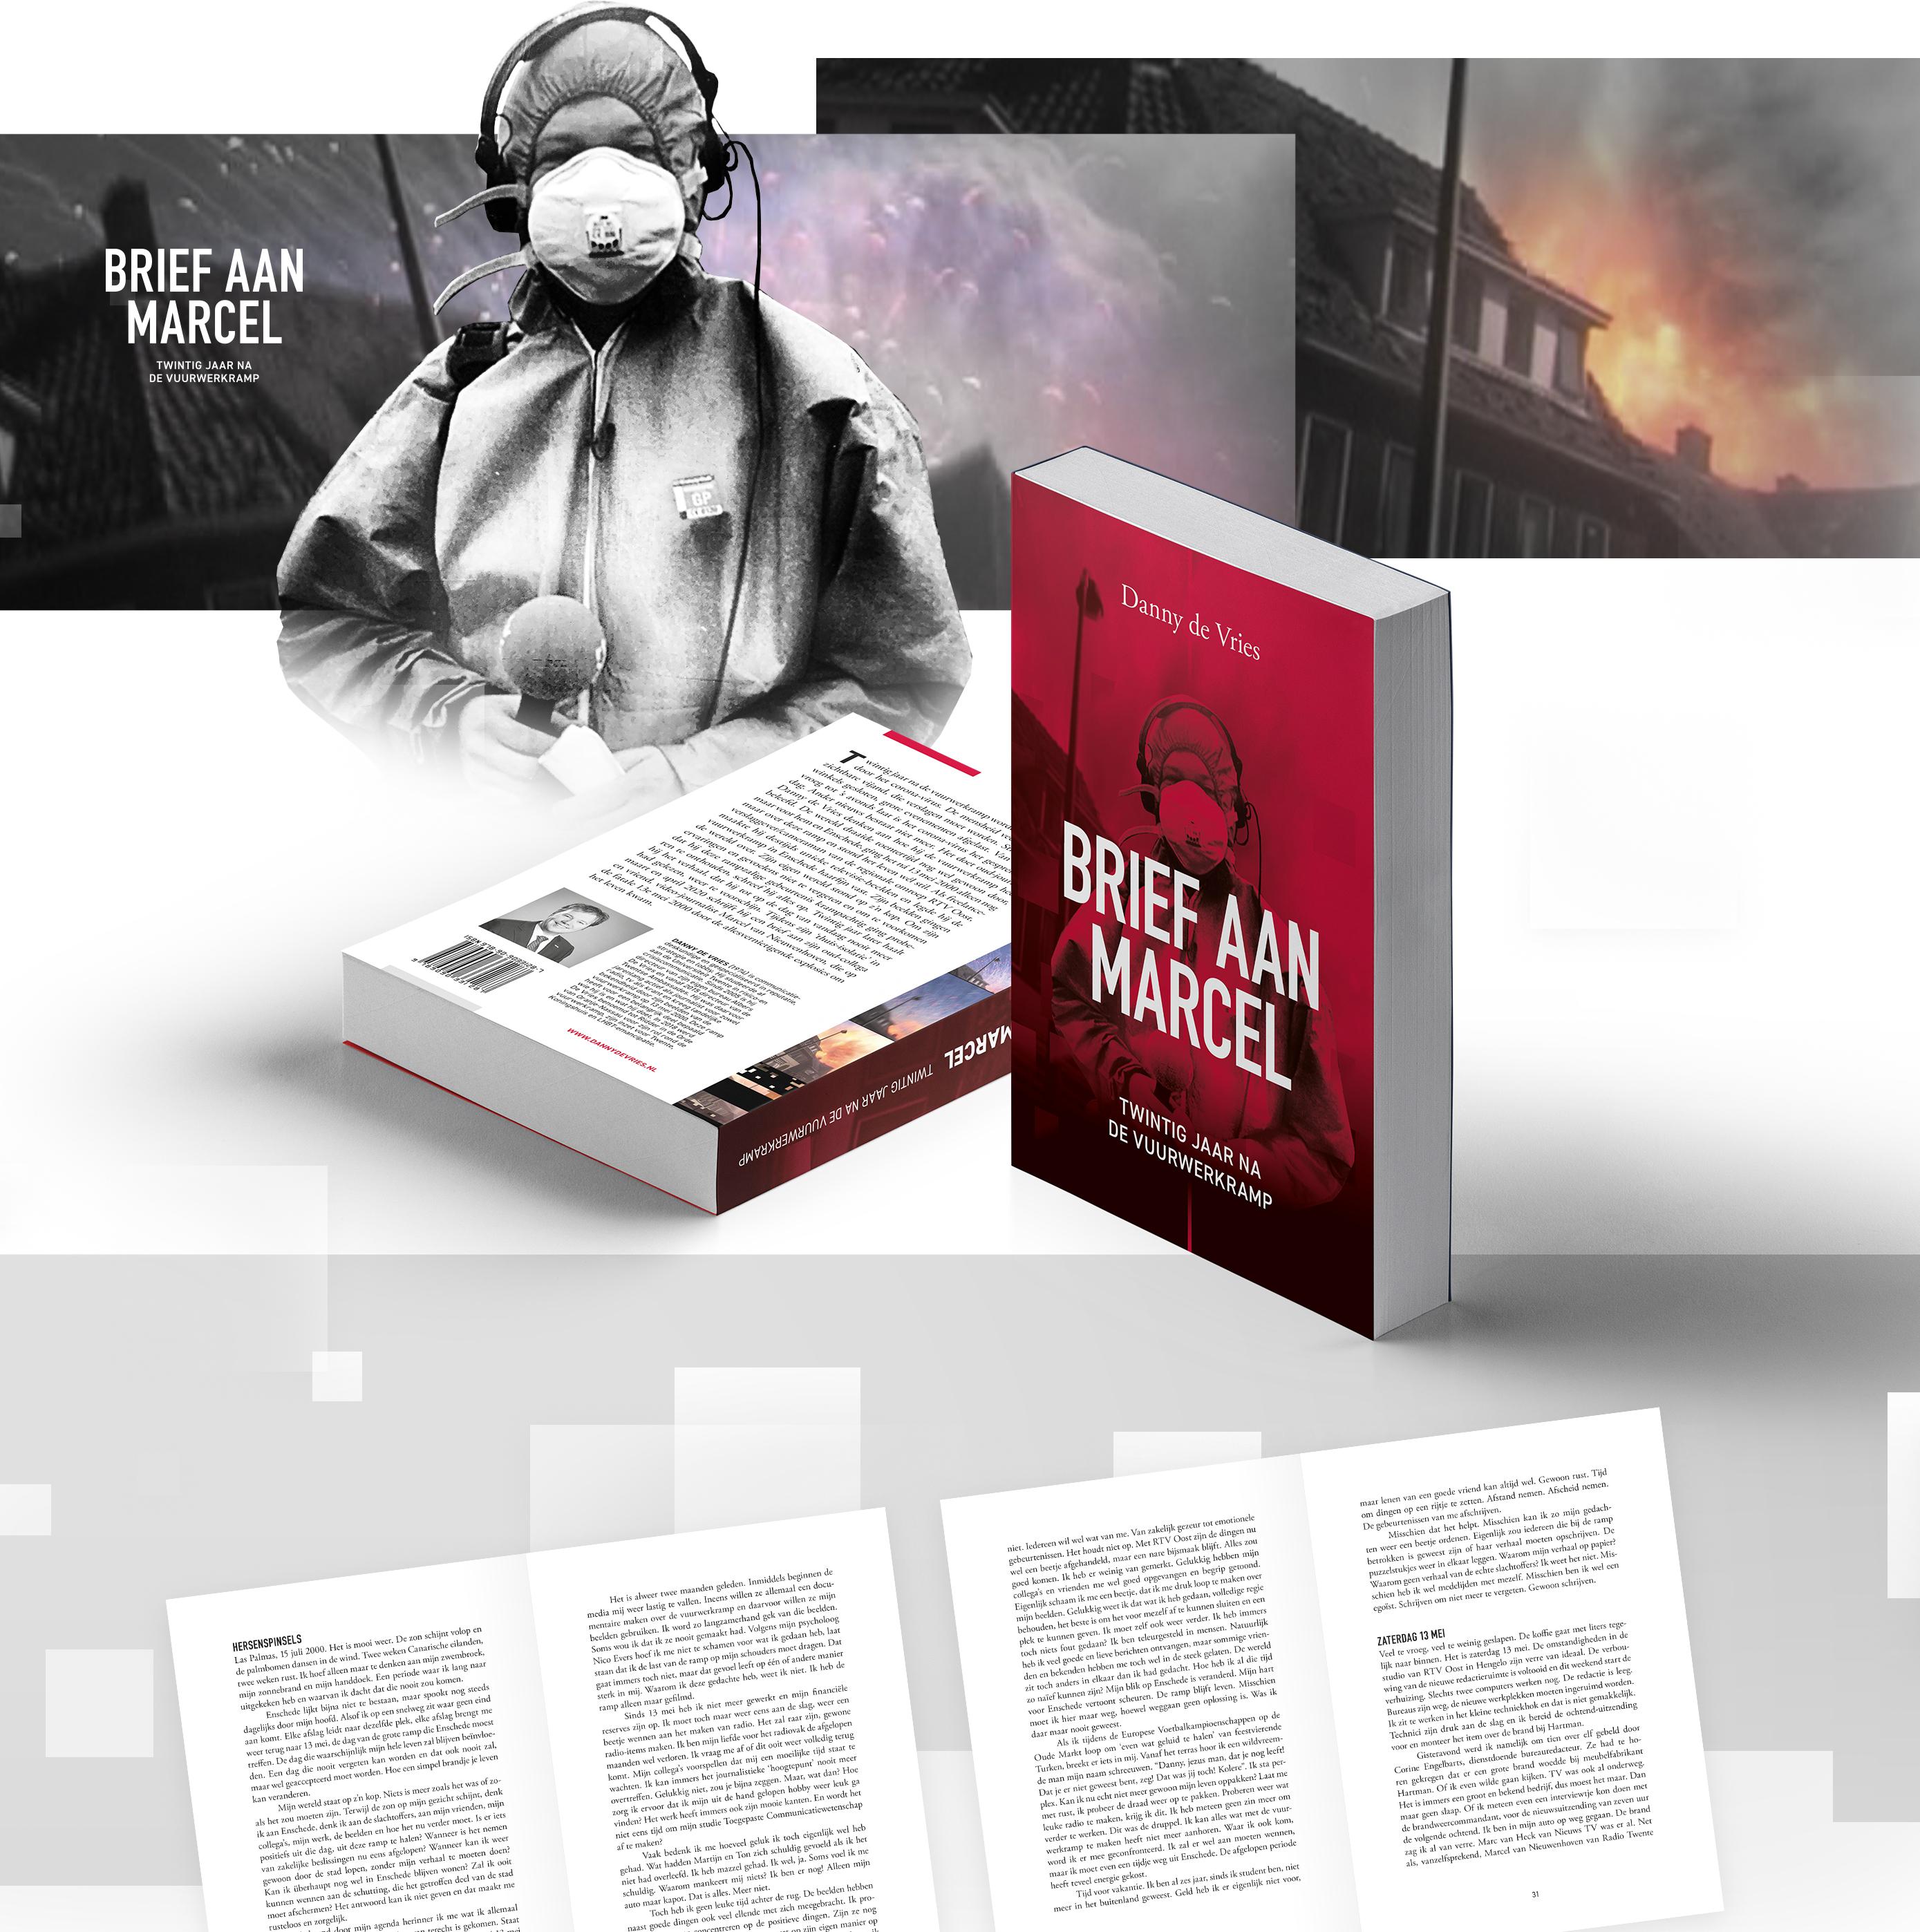 Ontwerp van het boek, Brief aan Marcel, van Danny de Vries